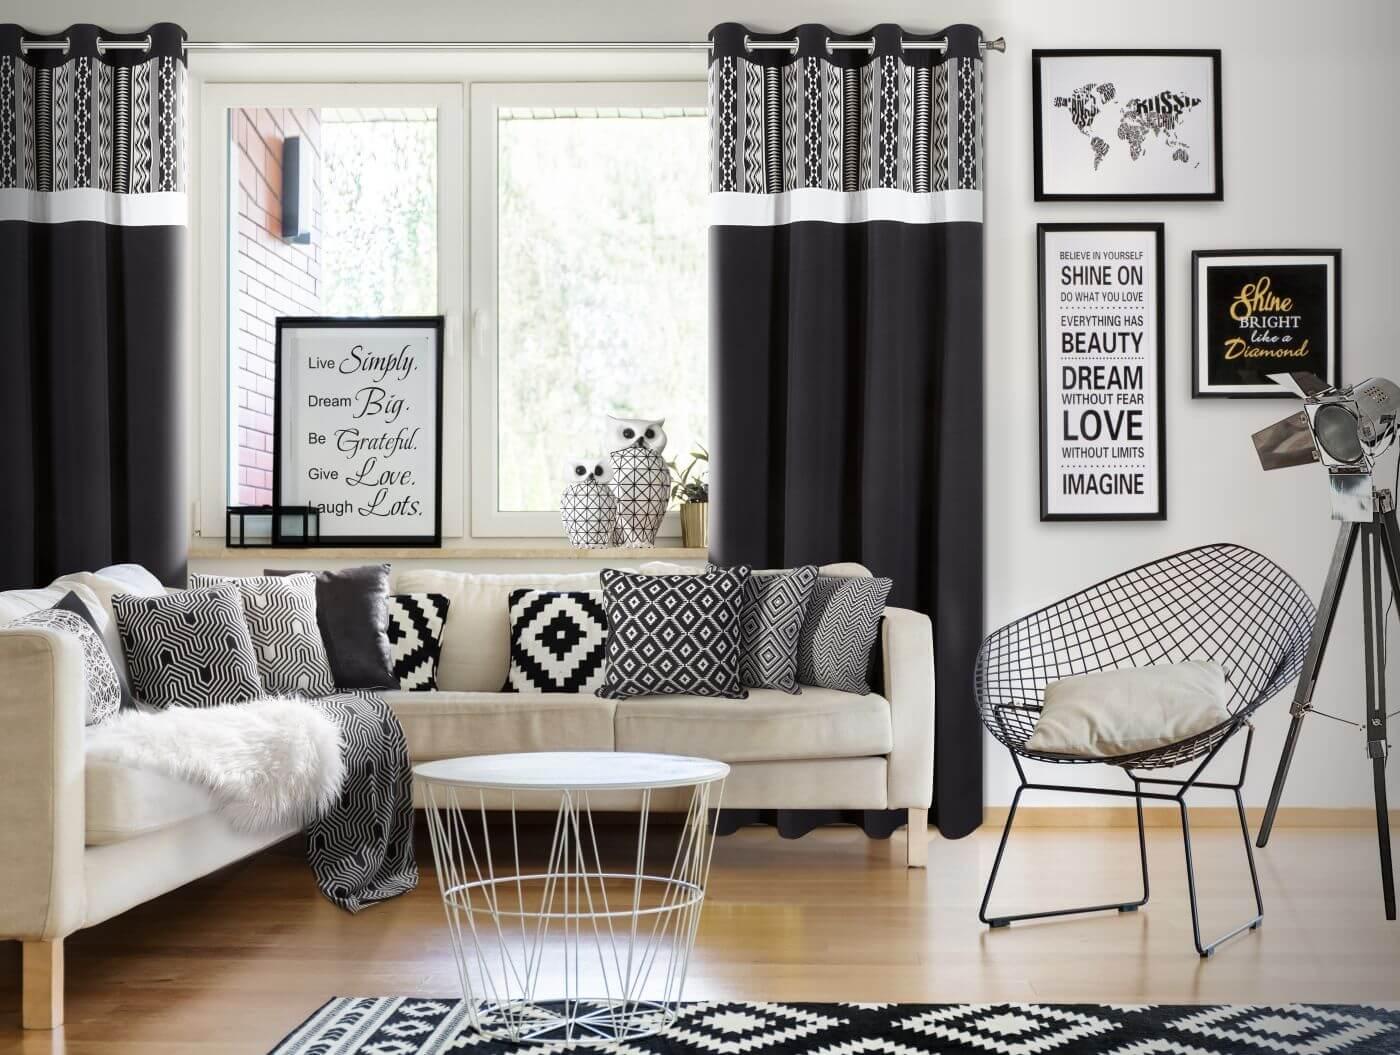 Tkaniny Dekoracyjne Na Zasłony Do Salonu Jak Wybrać